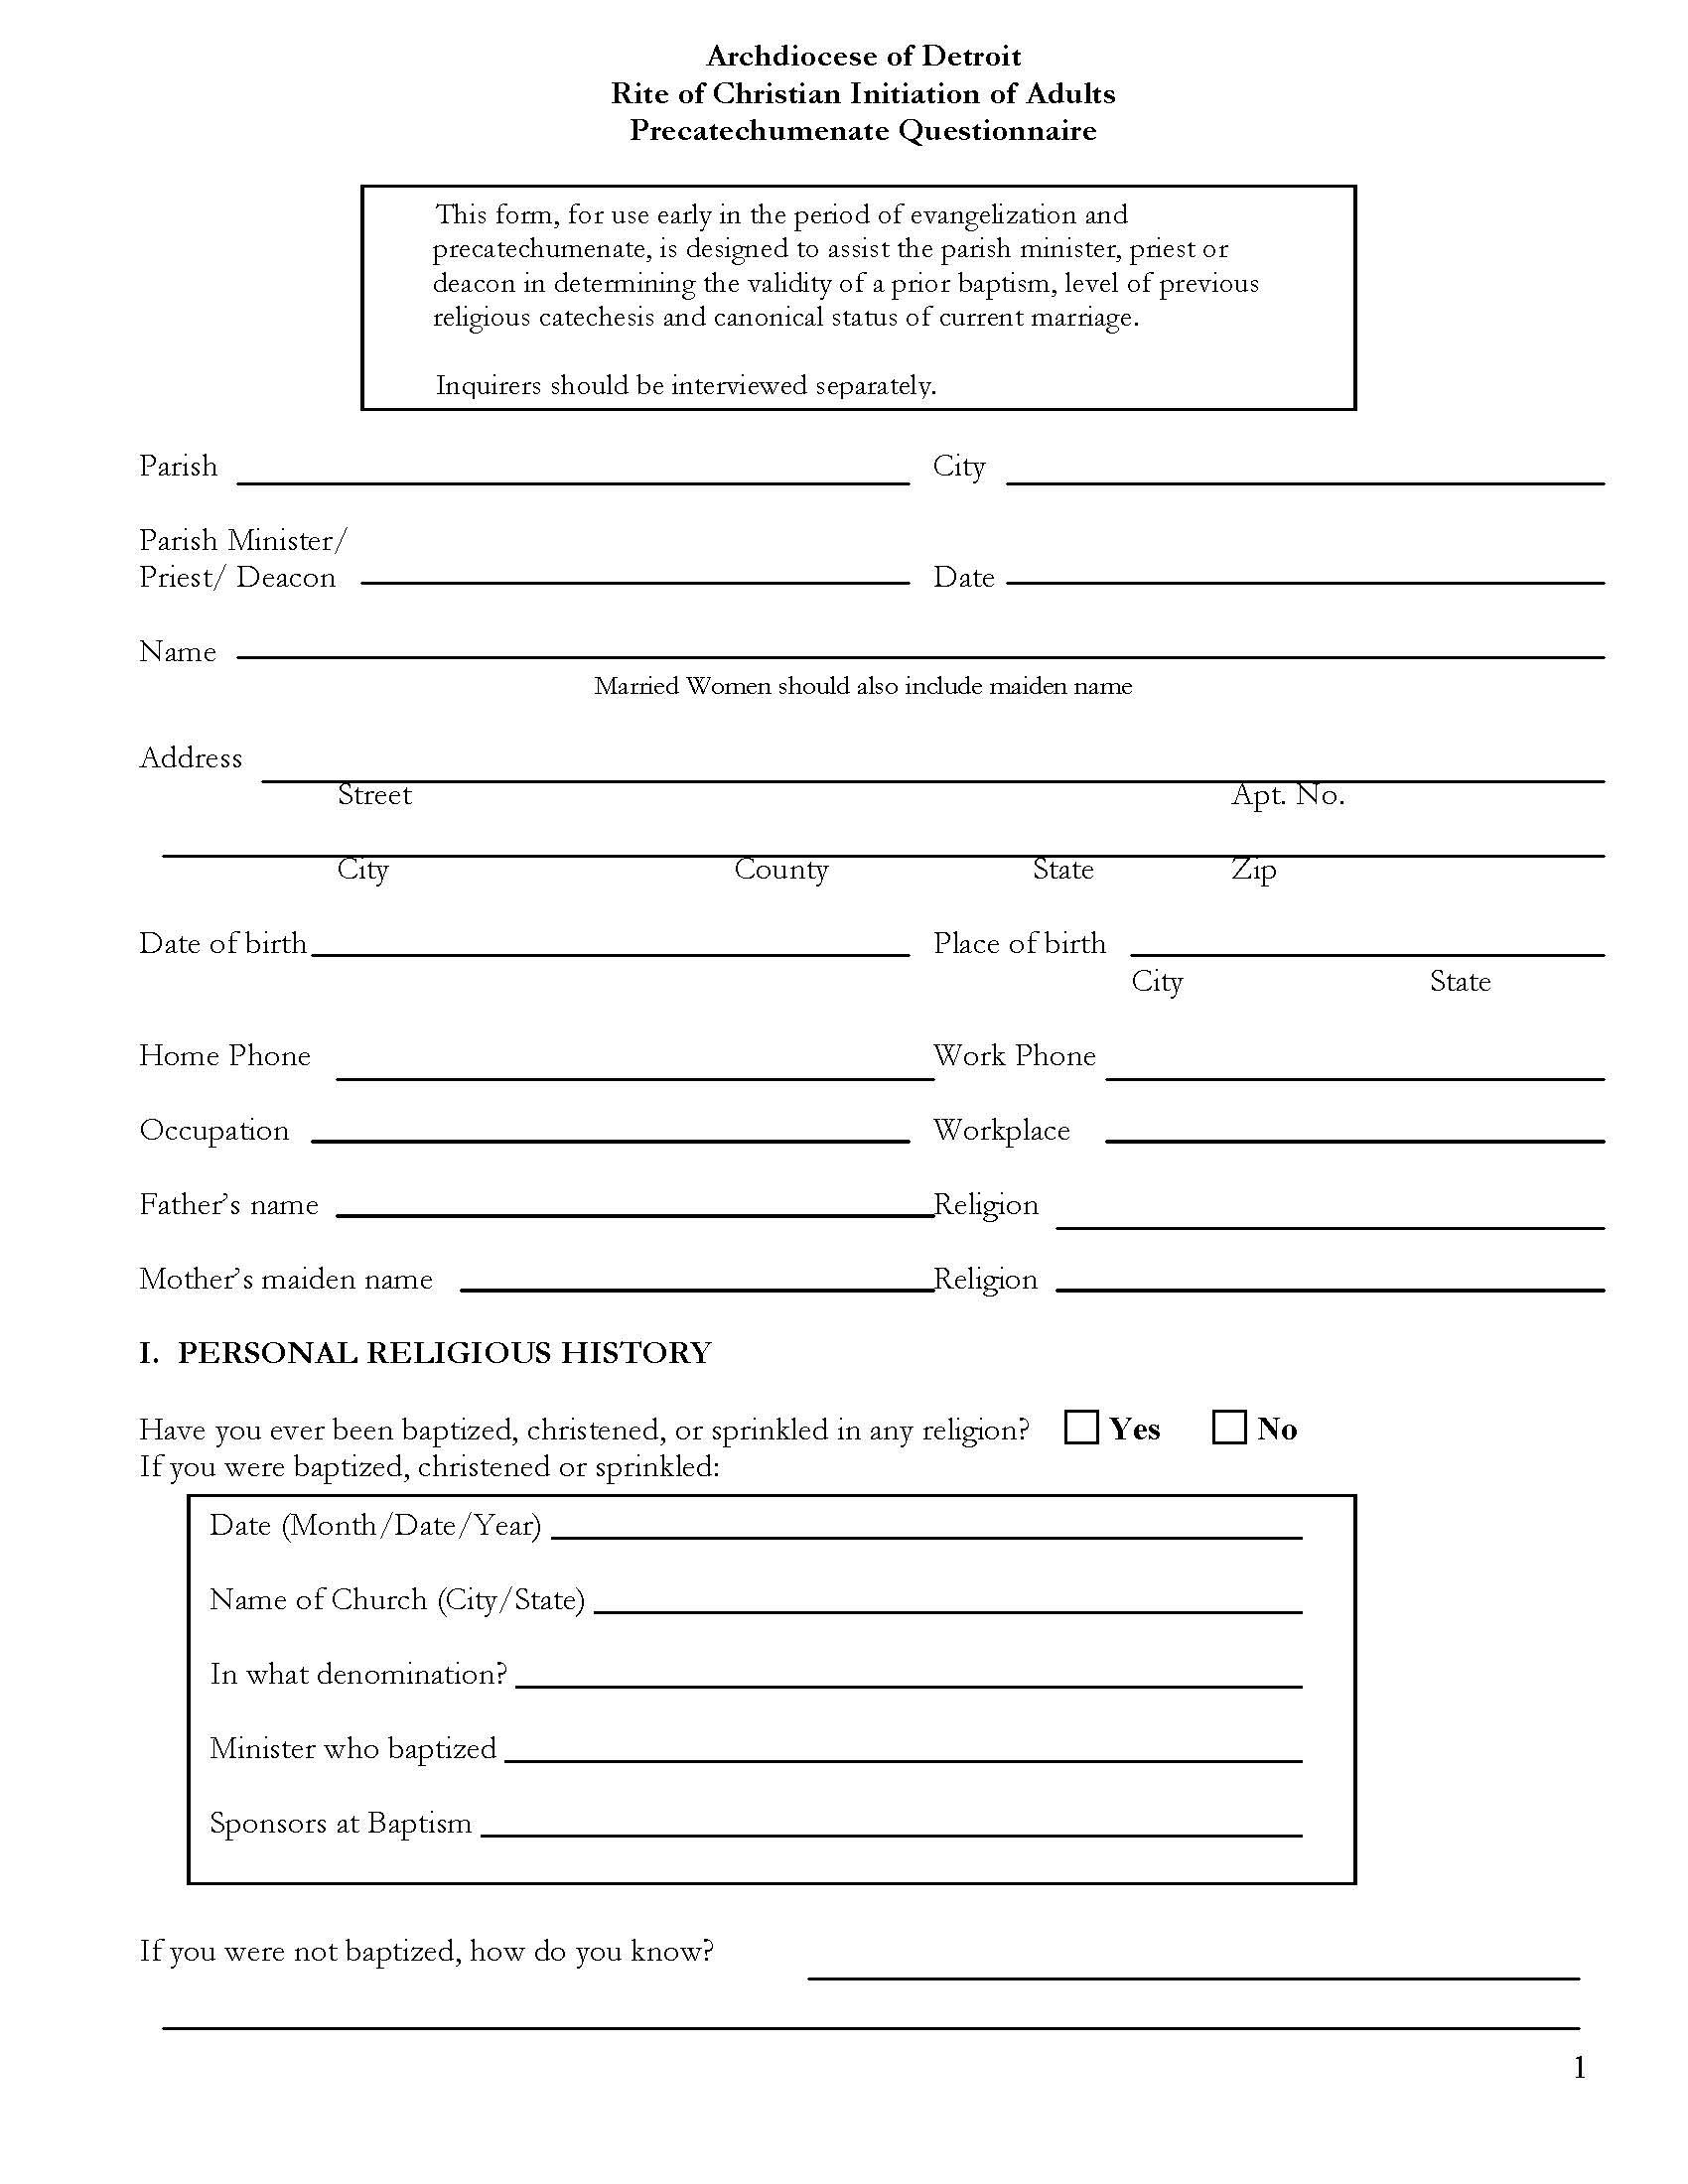 RCIA Precatechumenate Questionnaire